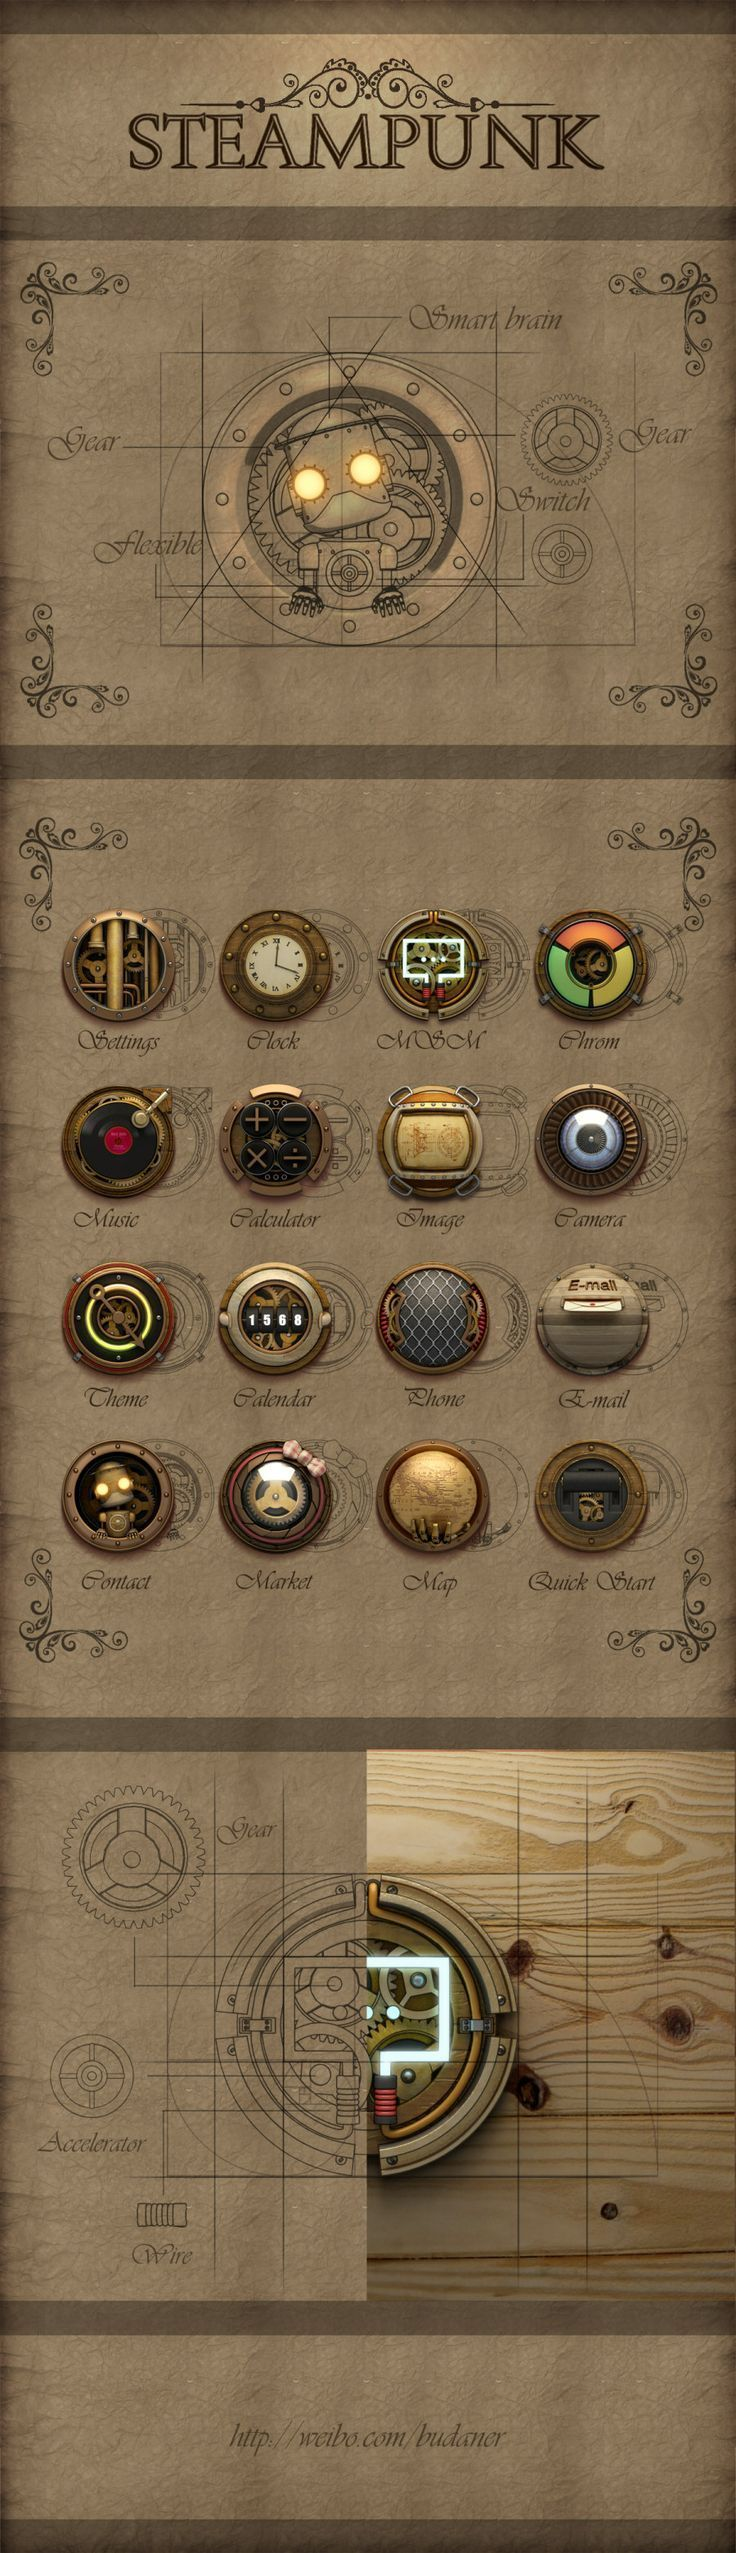 Inspiration Mobile #5 : Interfaces autour des jeux sur mobiles | Blog du Webdesign                                                                                                                                                     Plus